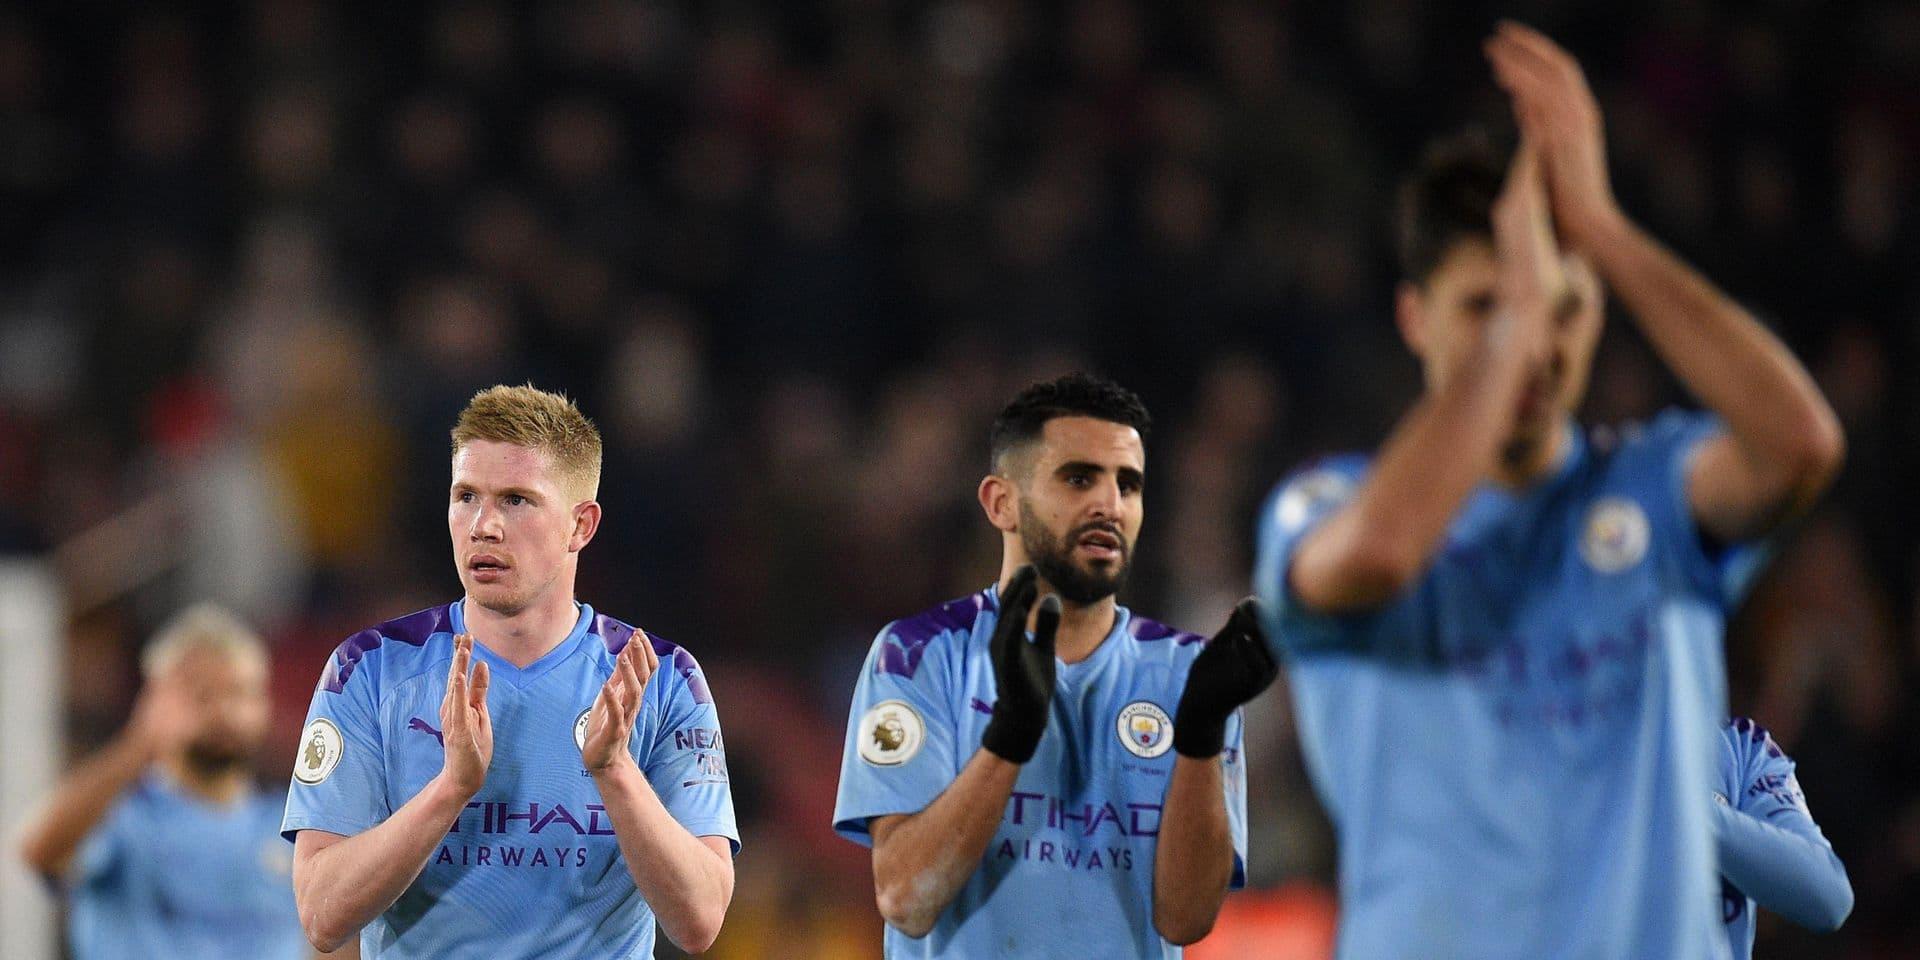 Les Belges à l'étranger: Manchester City s'impose avec un assist de De Bruyne, Lyon avec Jason Denayer élimine Lille